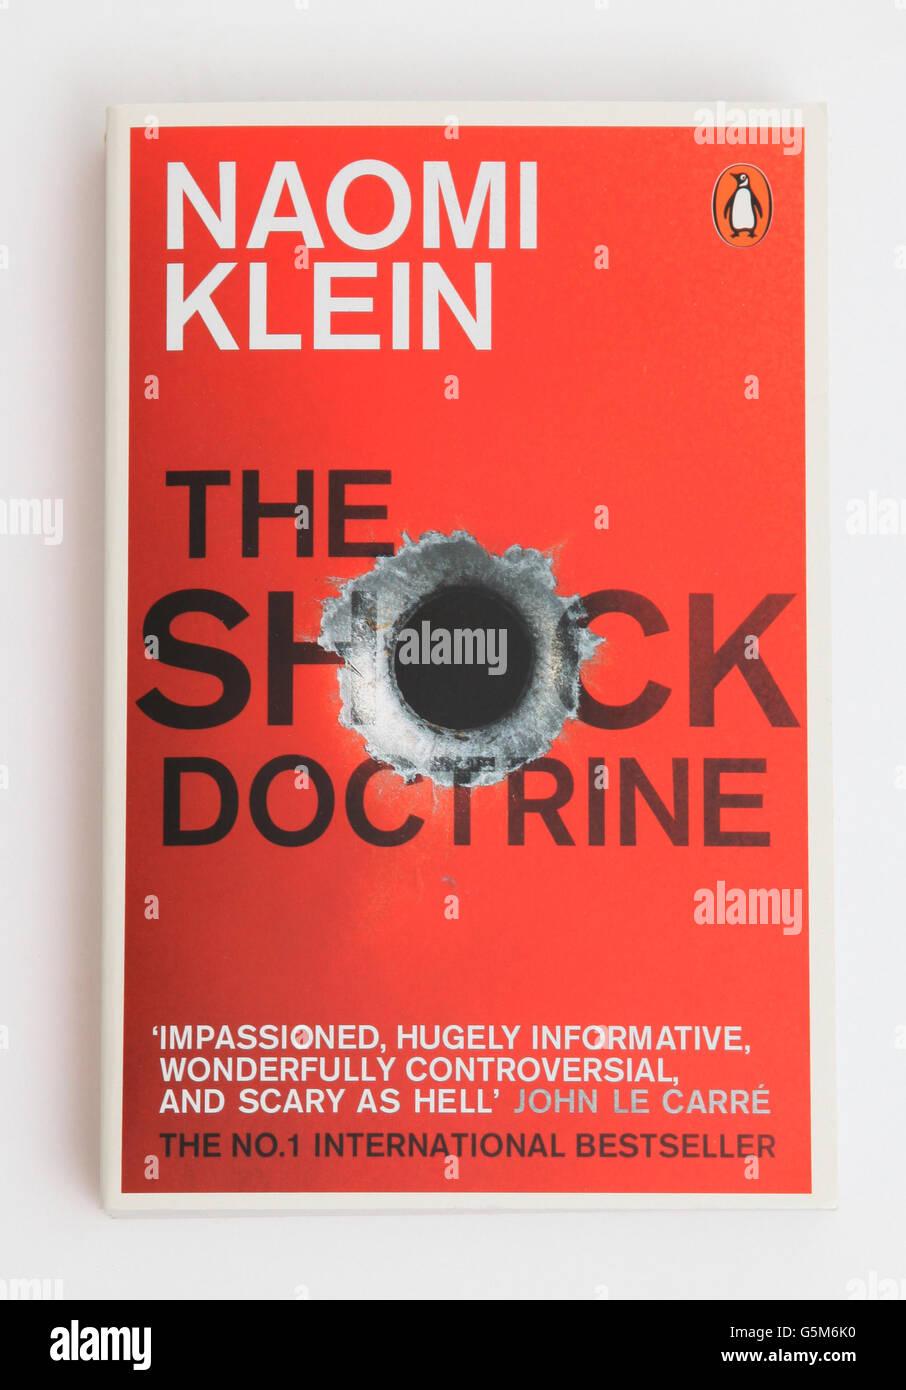 Il libro THE SHOCK DOCTRINE di Naomi Klein Immagini Stock